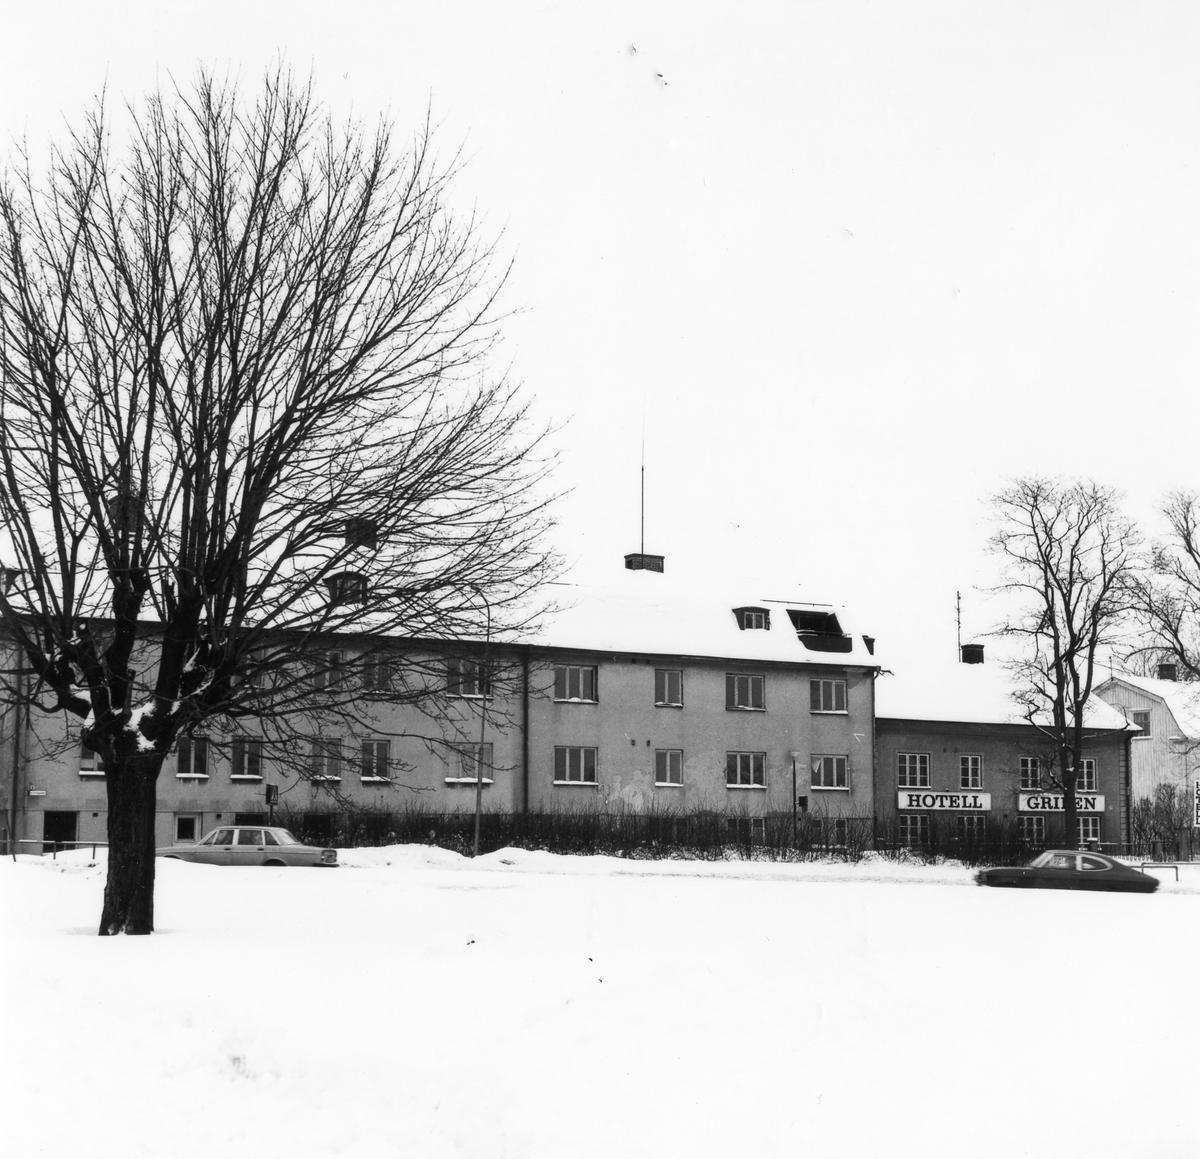 Vinterbild korsningen Kungsgatan och Vänersborgsvägen med ett 2 vånings bostadshus i centrum på bild.  Bostadshus i två våningar med butikslokaler i källarplan utmed Kungsgatan. Entrépartier mot gårdssidan. Putsade väggar, tvåkupigt taktegel. Lägenheter försedda med kakelugn i ett rum. Parkettgolv.Beslut om rivning i november 1978. Fastighetägare: Alingsås kommun.